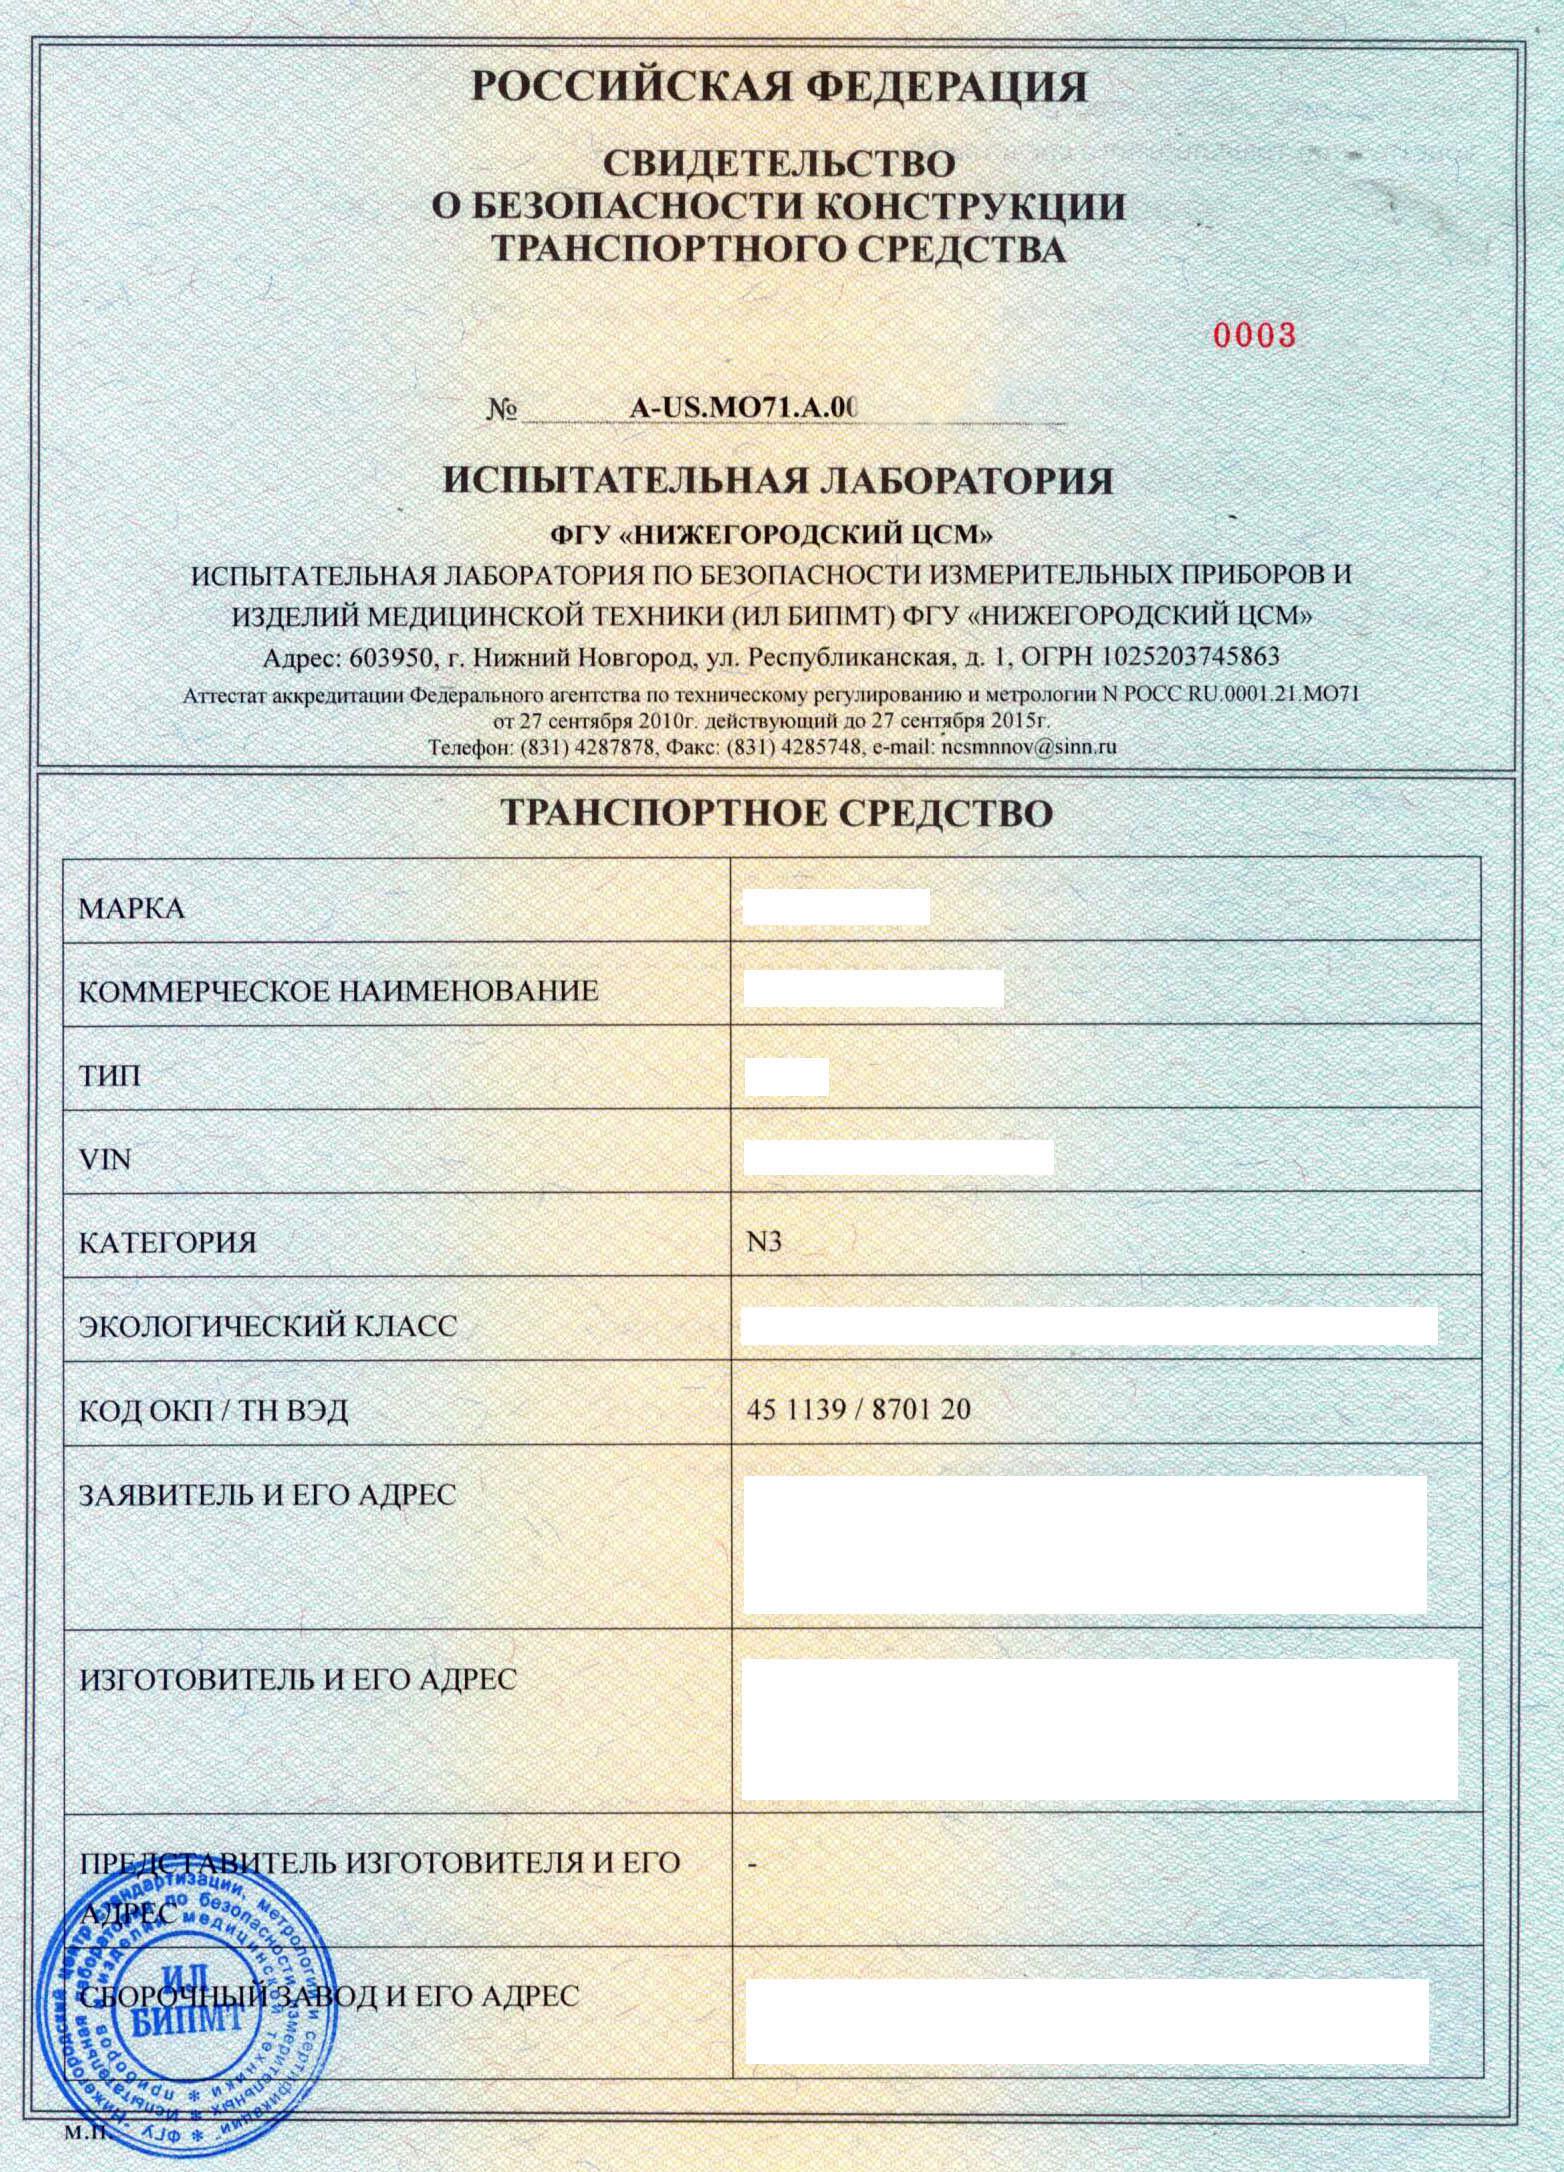 Как зарегистрировать легковой прицеп?